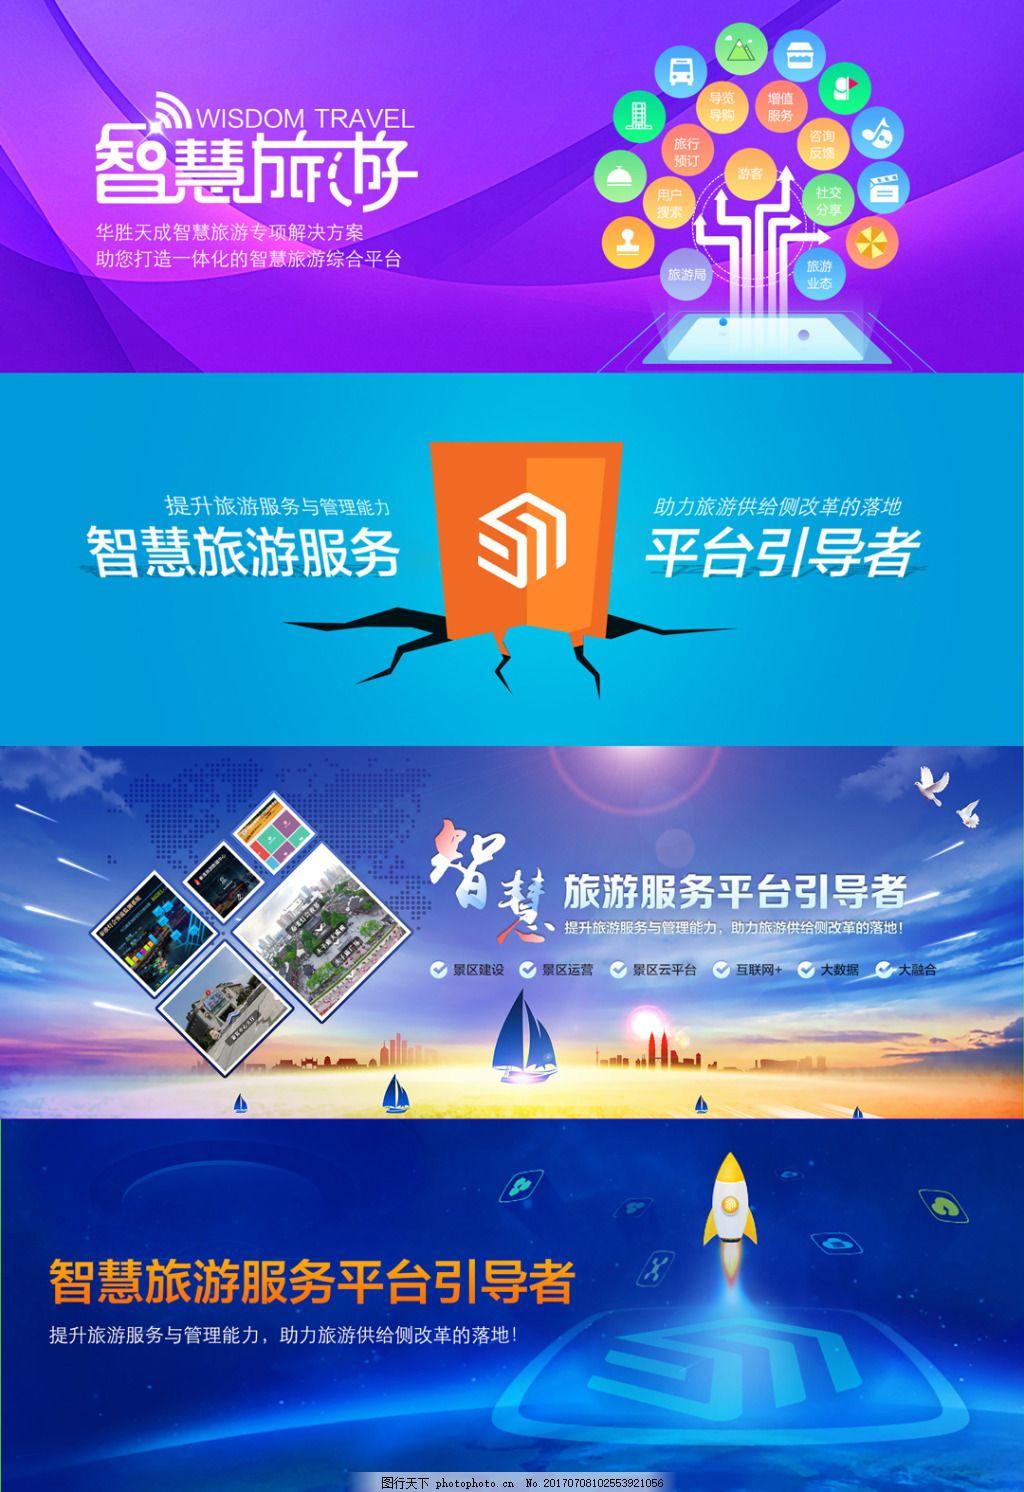 旅游网站广告banner 智慧 平台 引导者 服务 首页 轮播广告